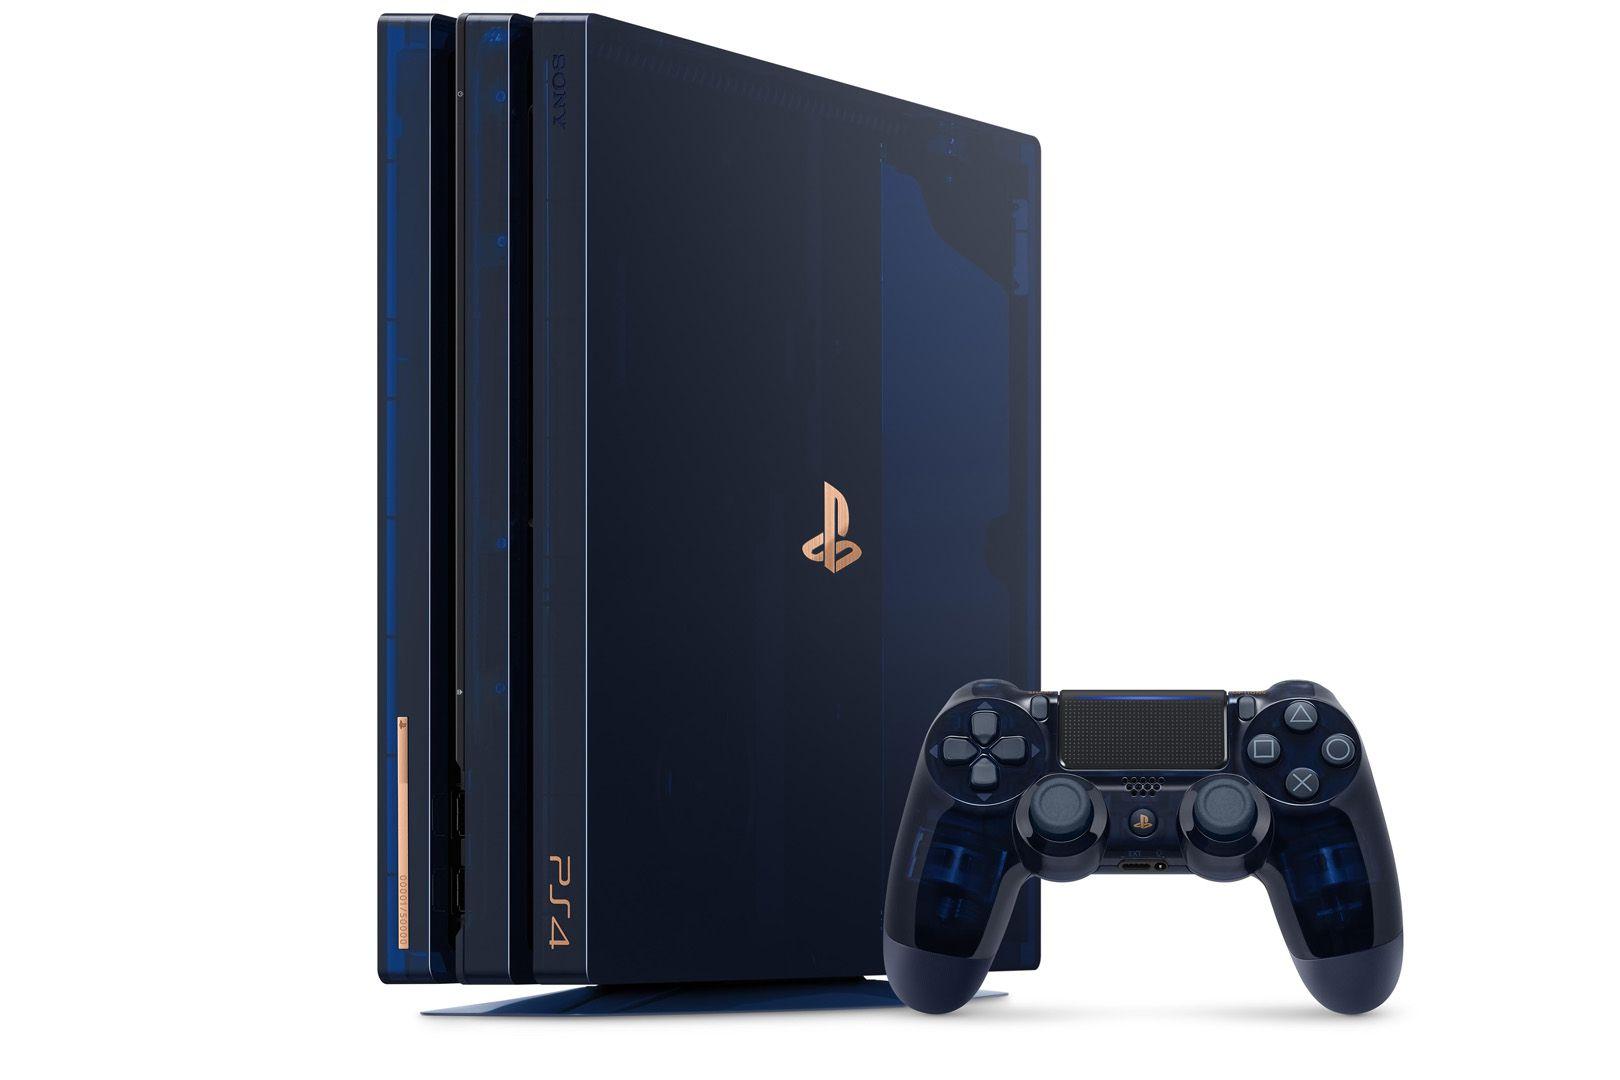 Une PS4 Pro Edition Limitée pour fêter les 500 millions de PlayStation